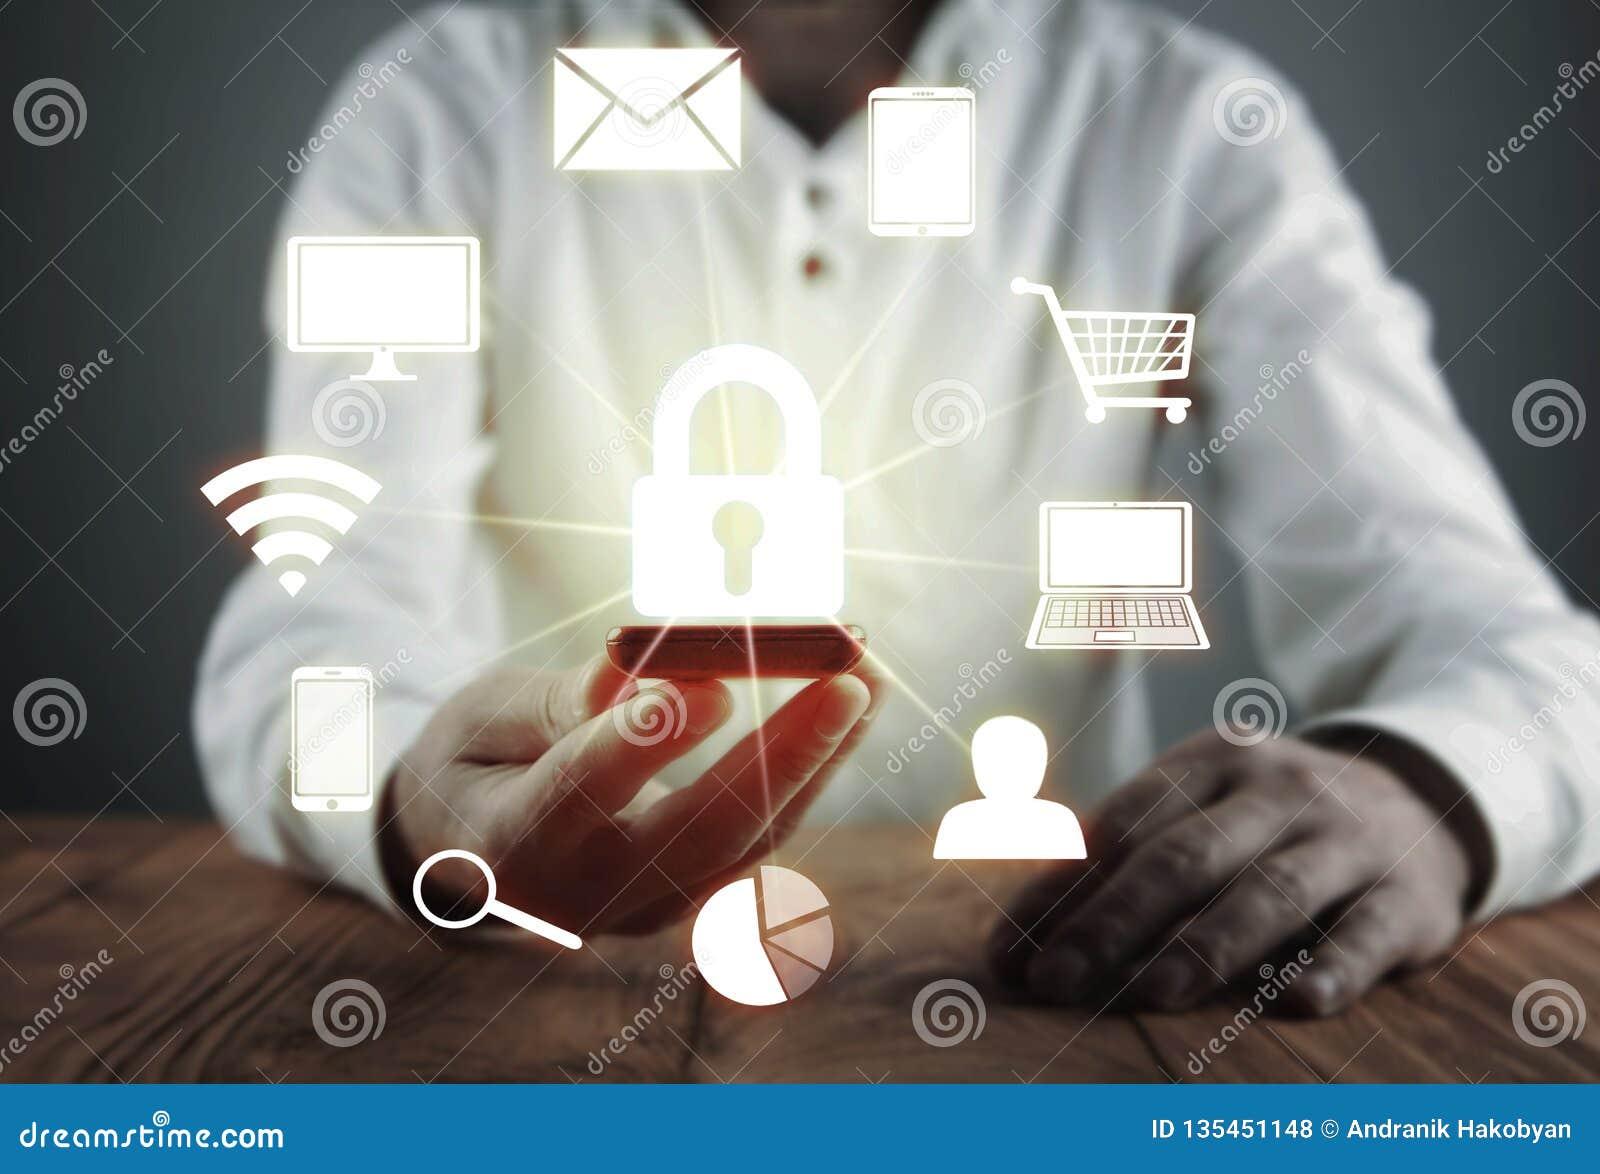 数据保护和网络安全概念 信息安全 事务和互联网技术的概念